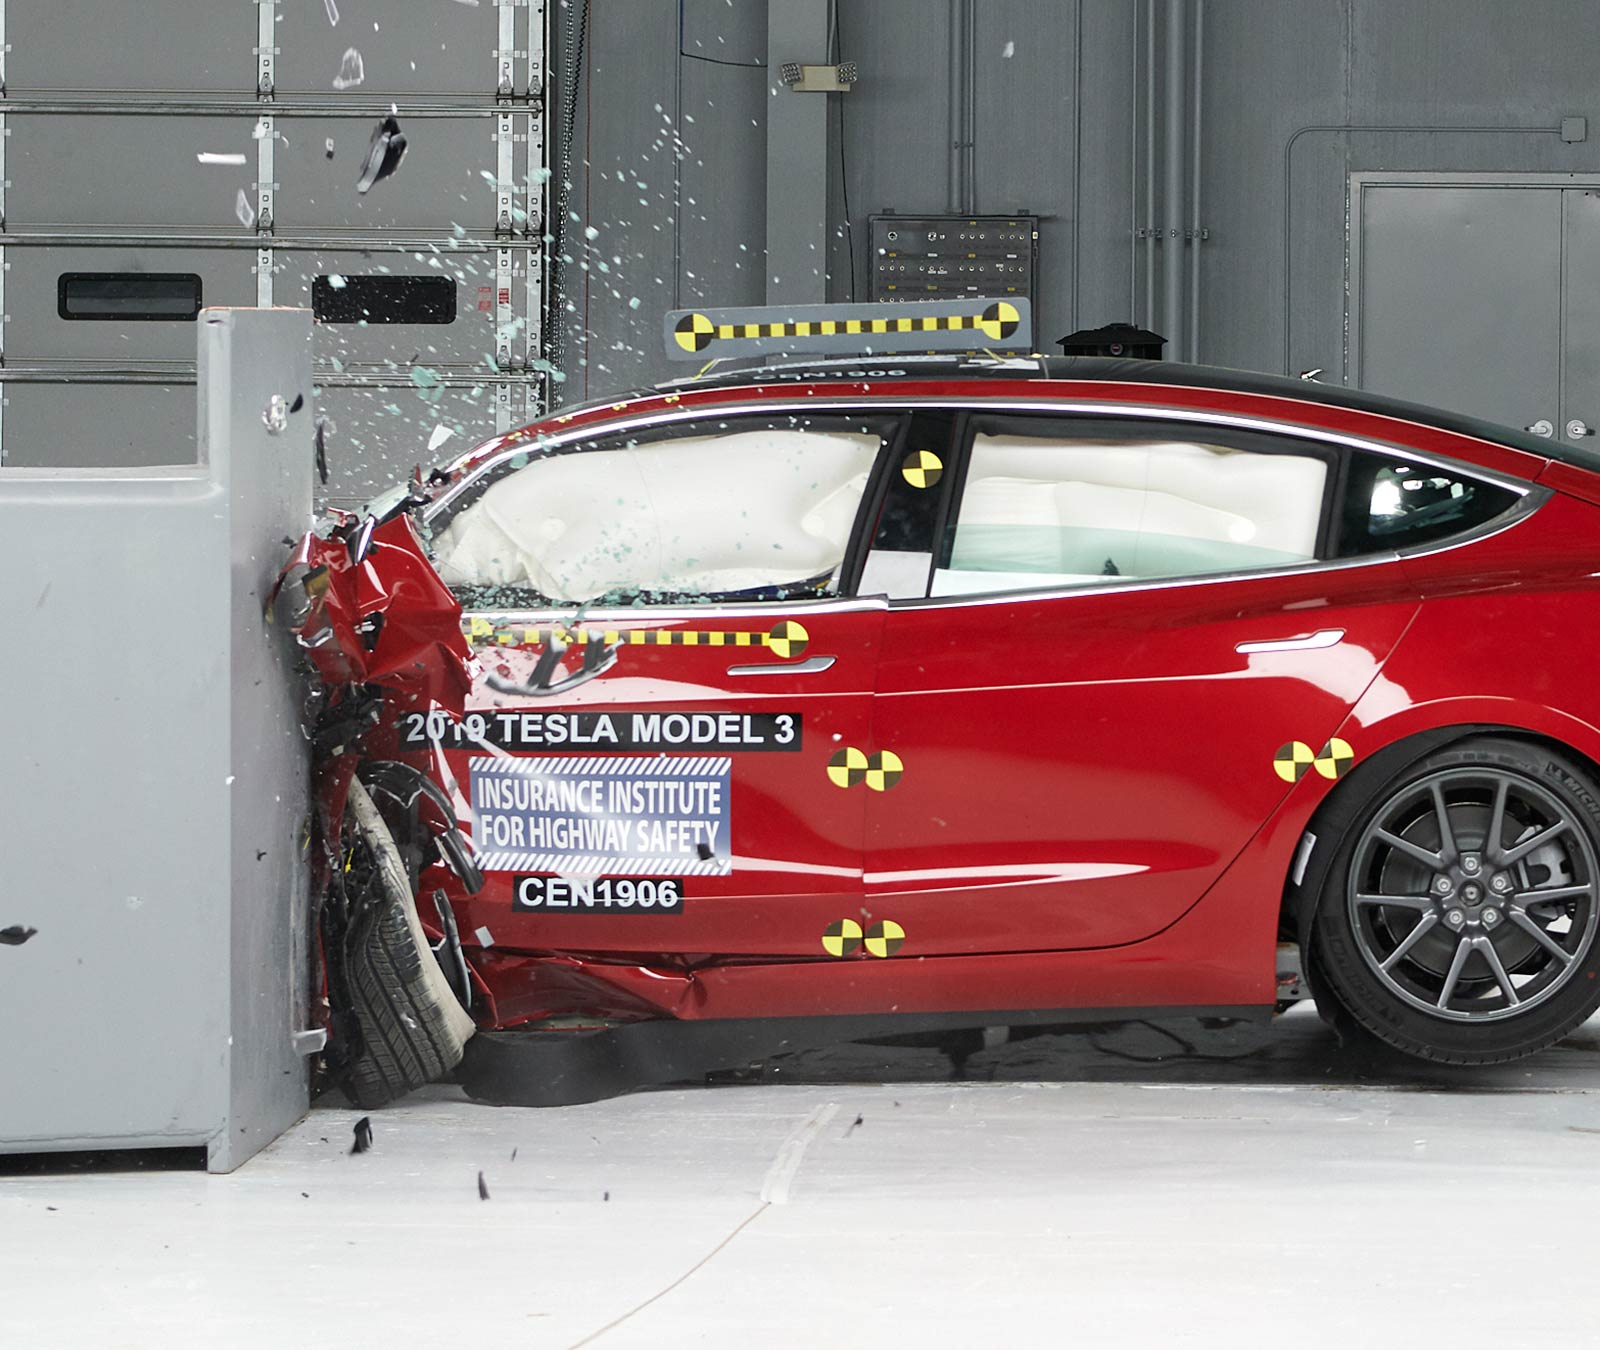 Tesla Model 3 Wins Top Safety Rating After Acing Crash Tests